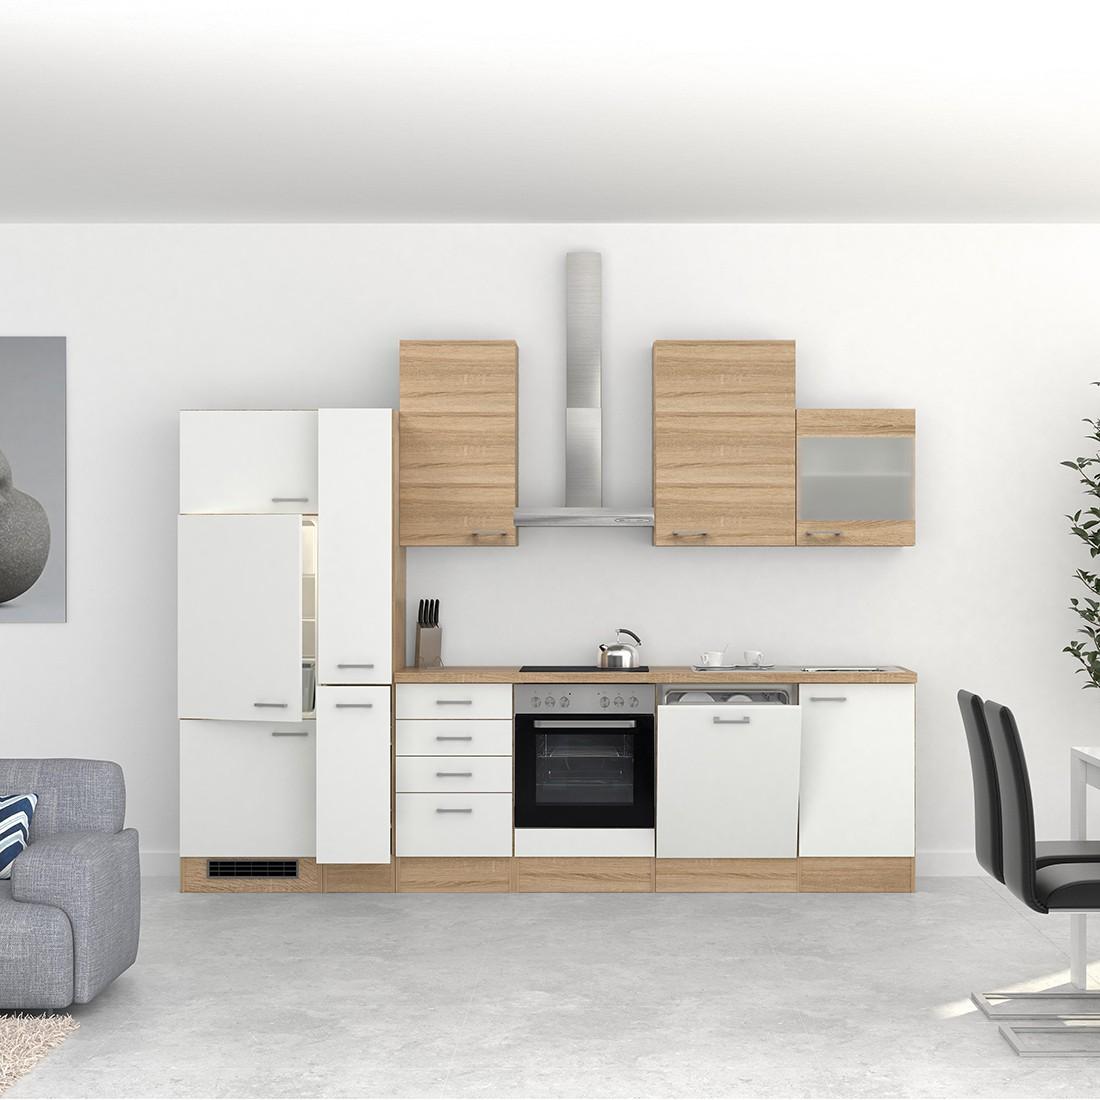 k chenzeile rom k che mit e ger ten und 1 glash nger 15 teilig breite 310 cm wei k che. Black Bedroom Furniture Sets. Home Design Ideas